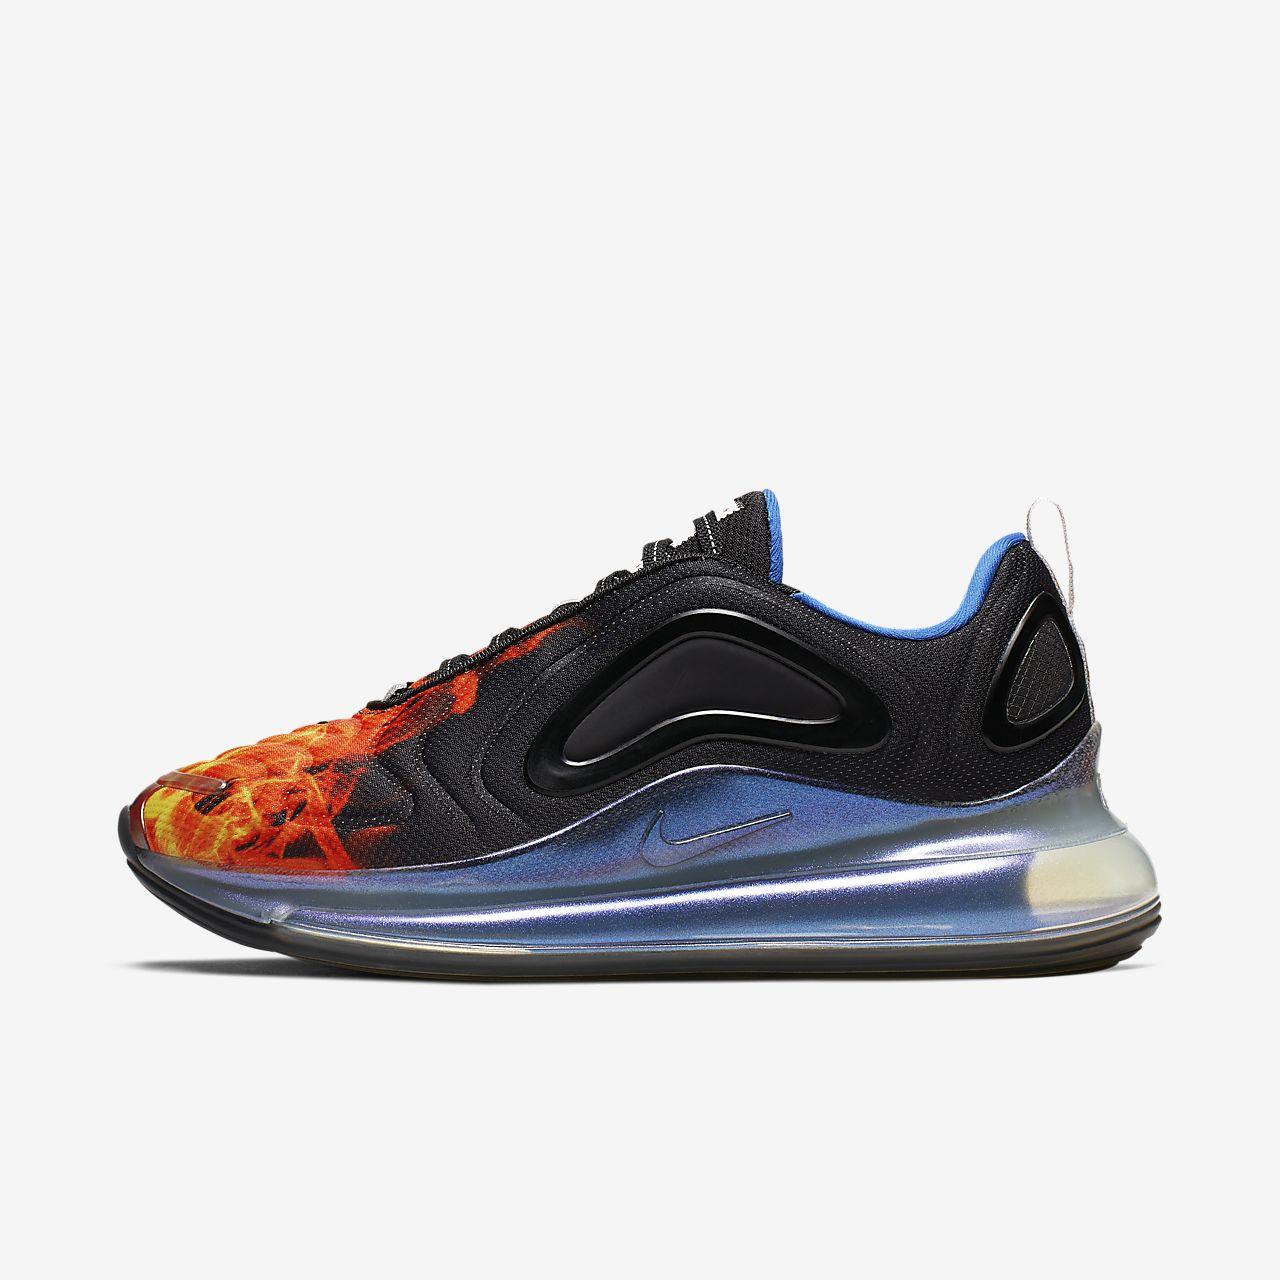 NikeAir Max 720女子运动鞋